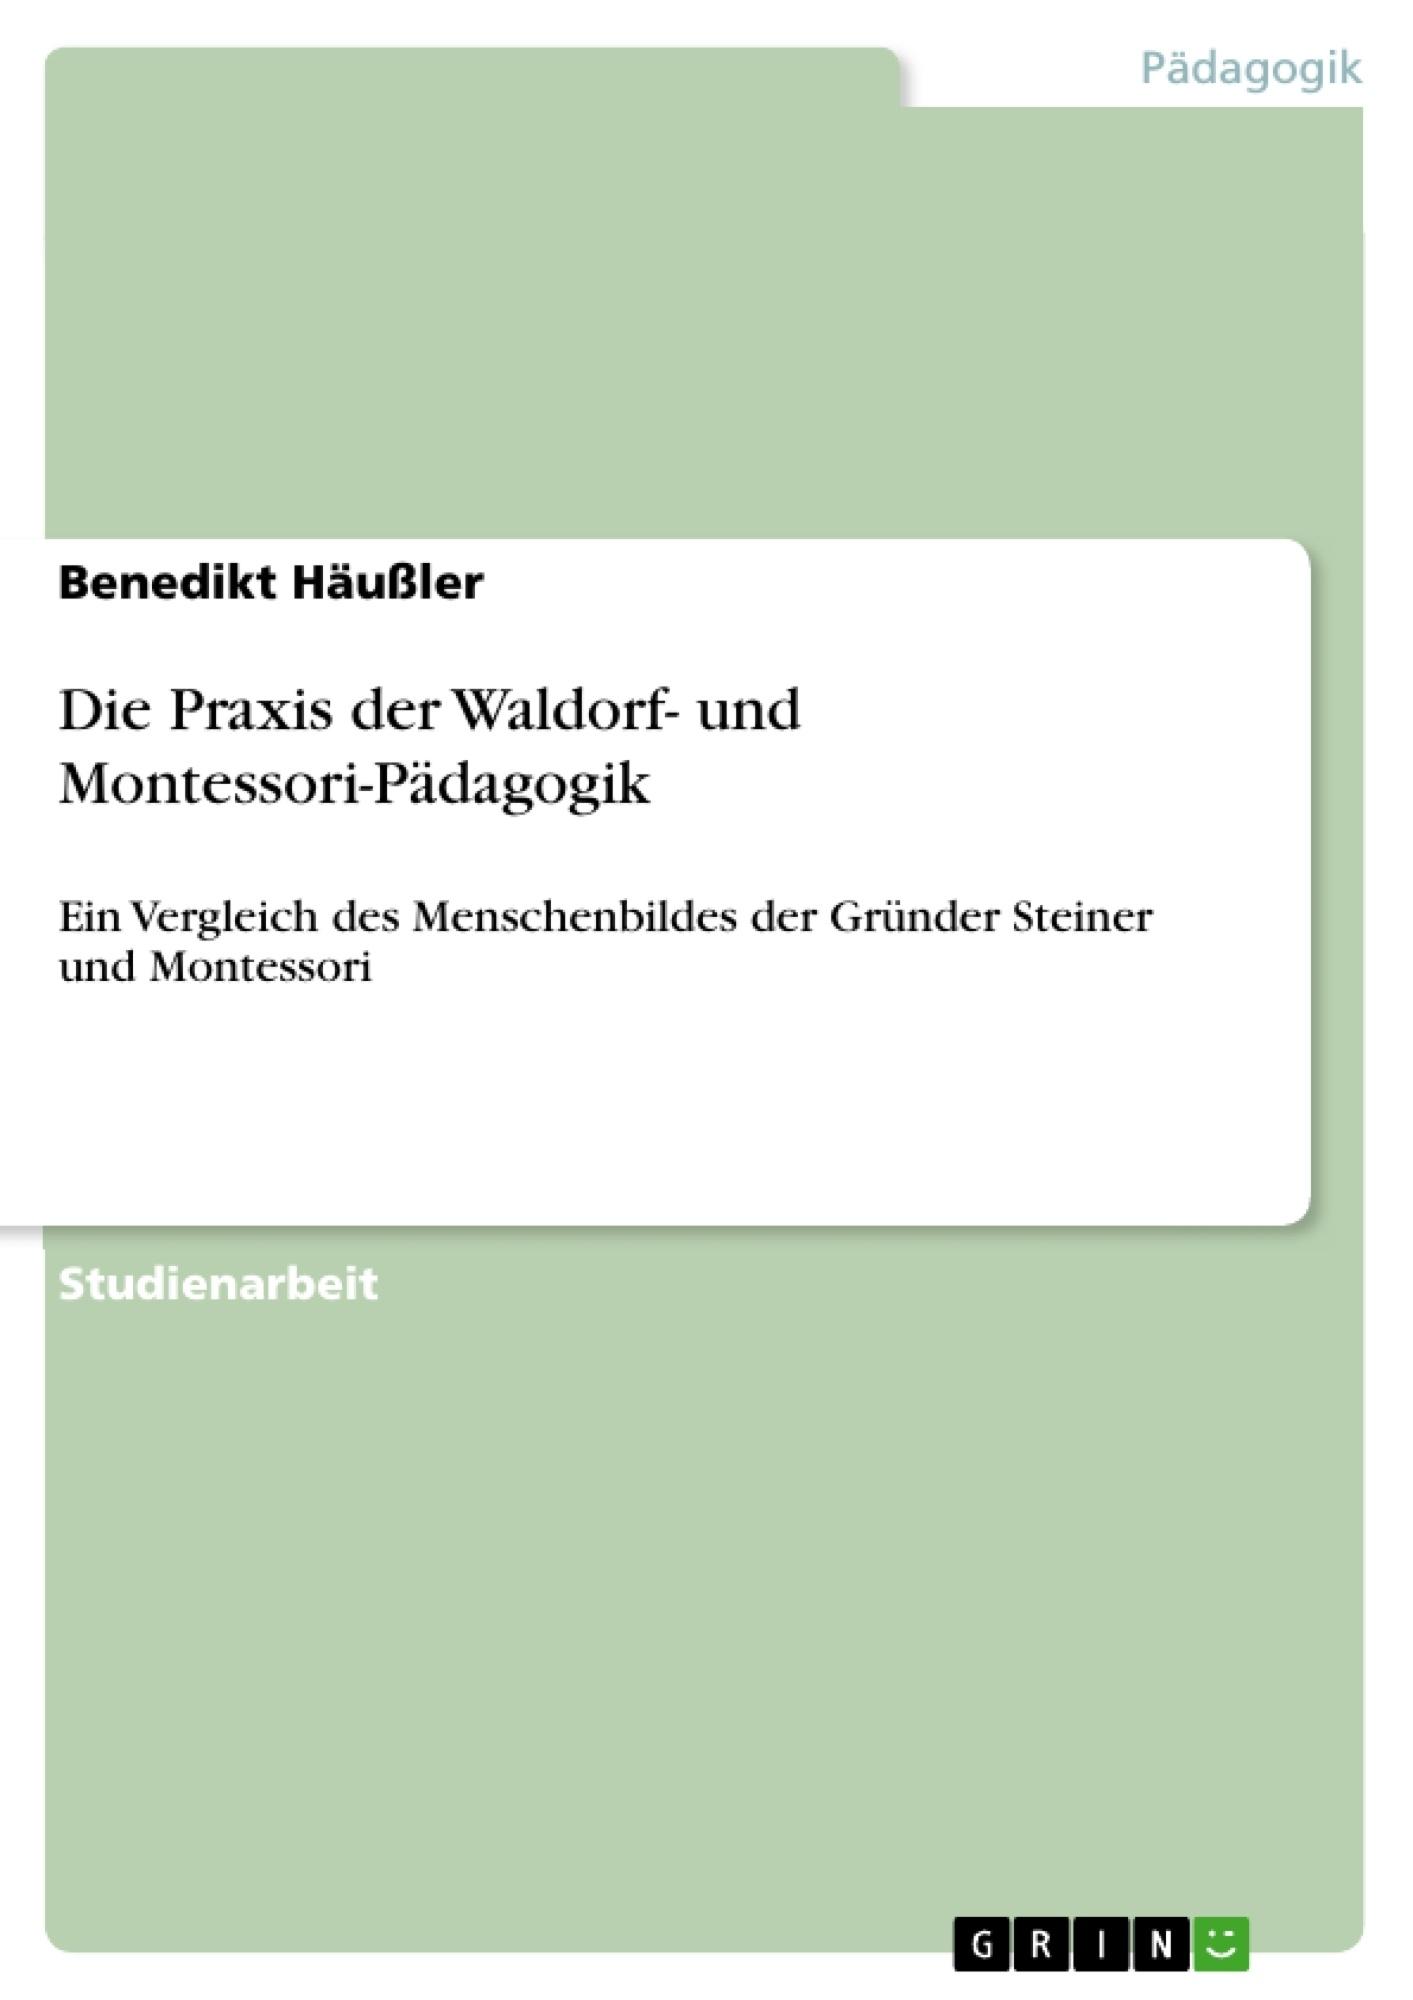 Titel: Die Praxis der Waldorf- und Montessori-Pädagogik